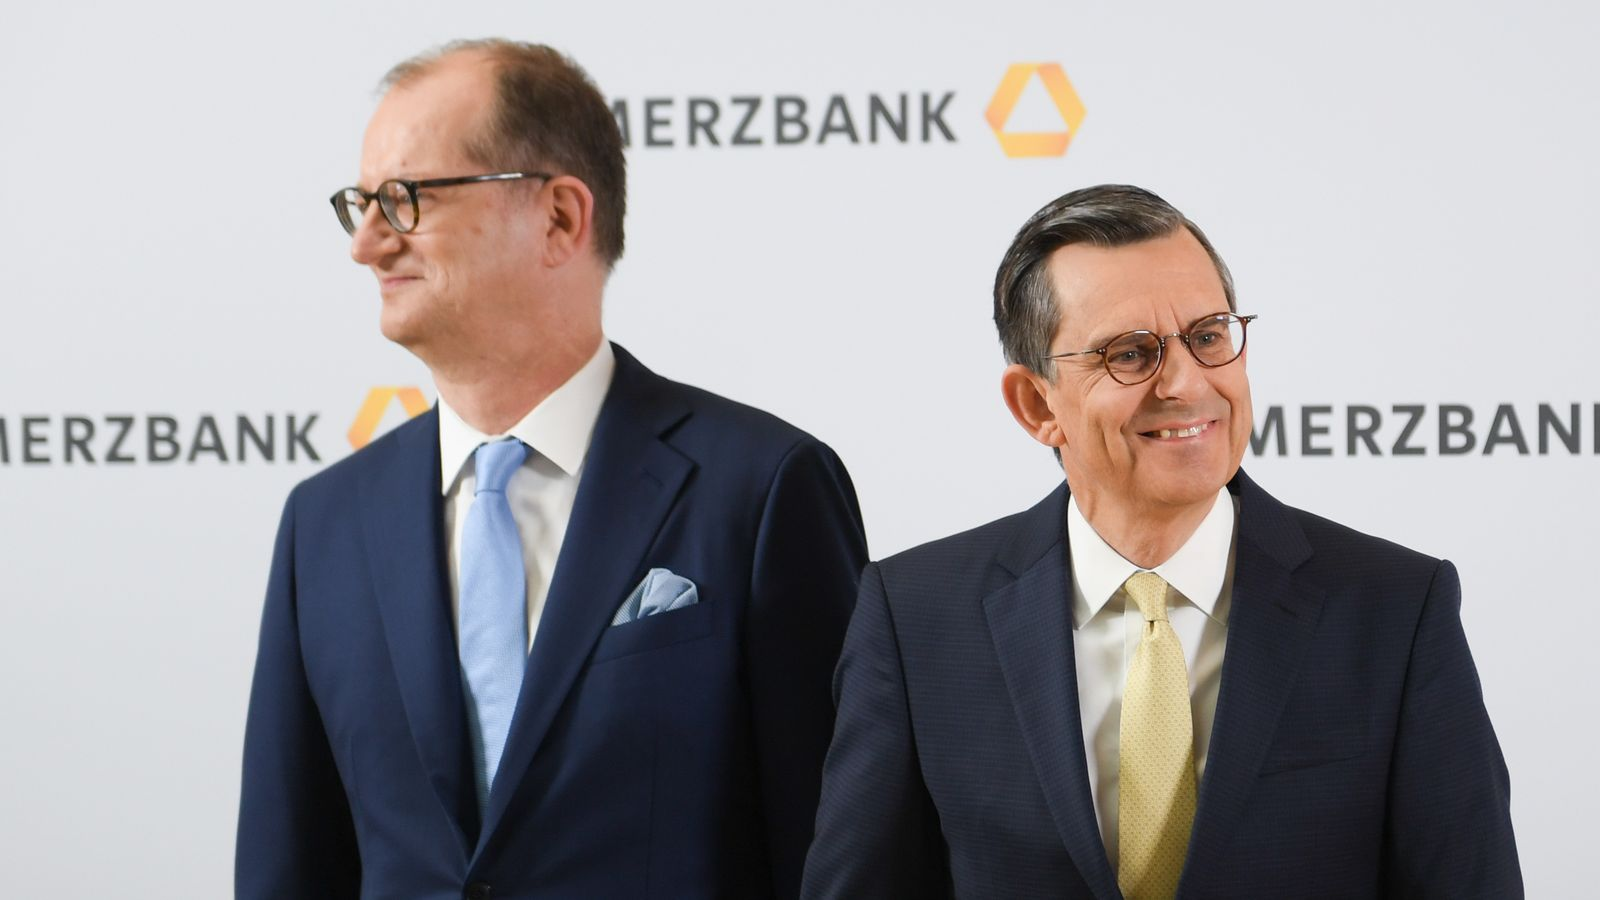 Machtvakuum bei der Commerzbank: Wer folgt Martin Zielke?